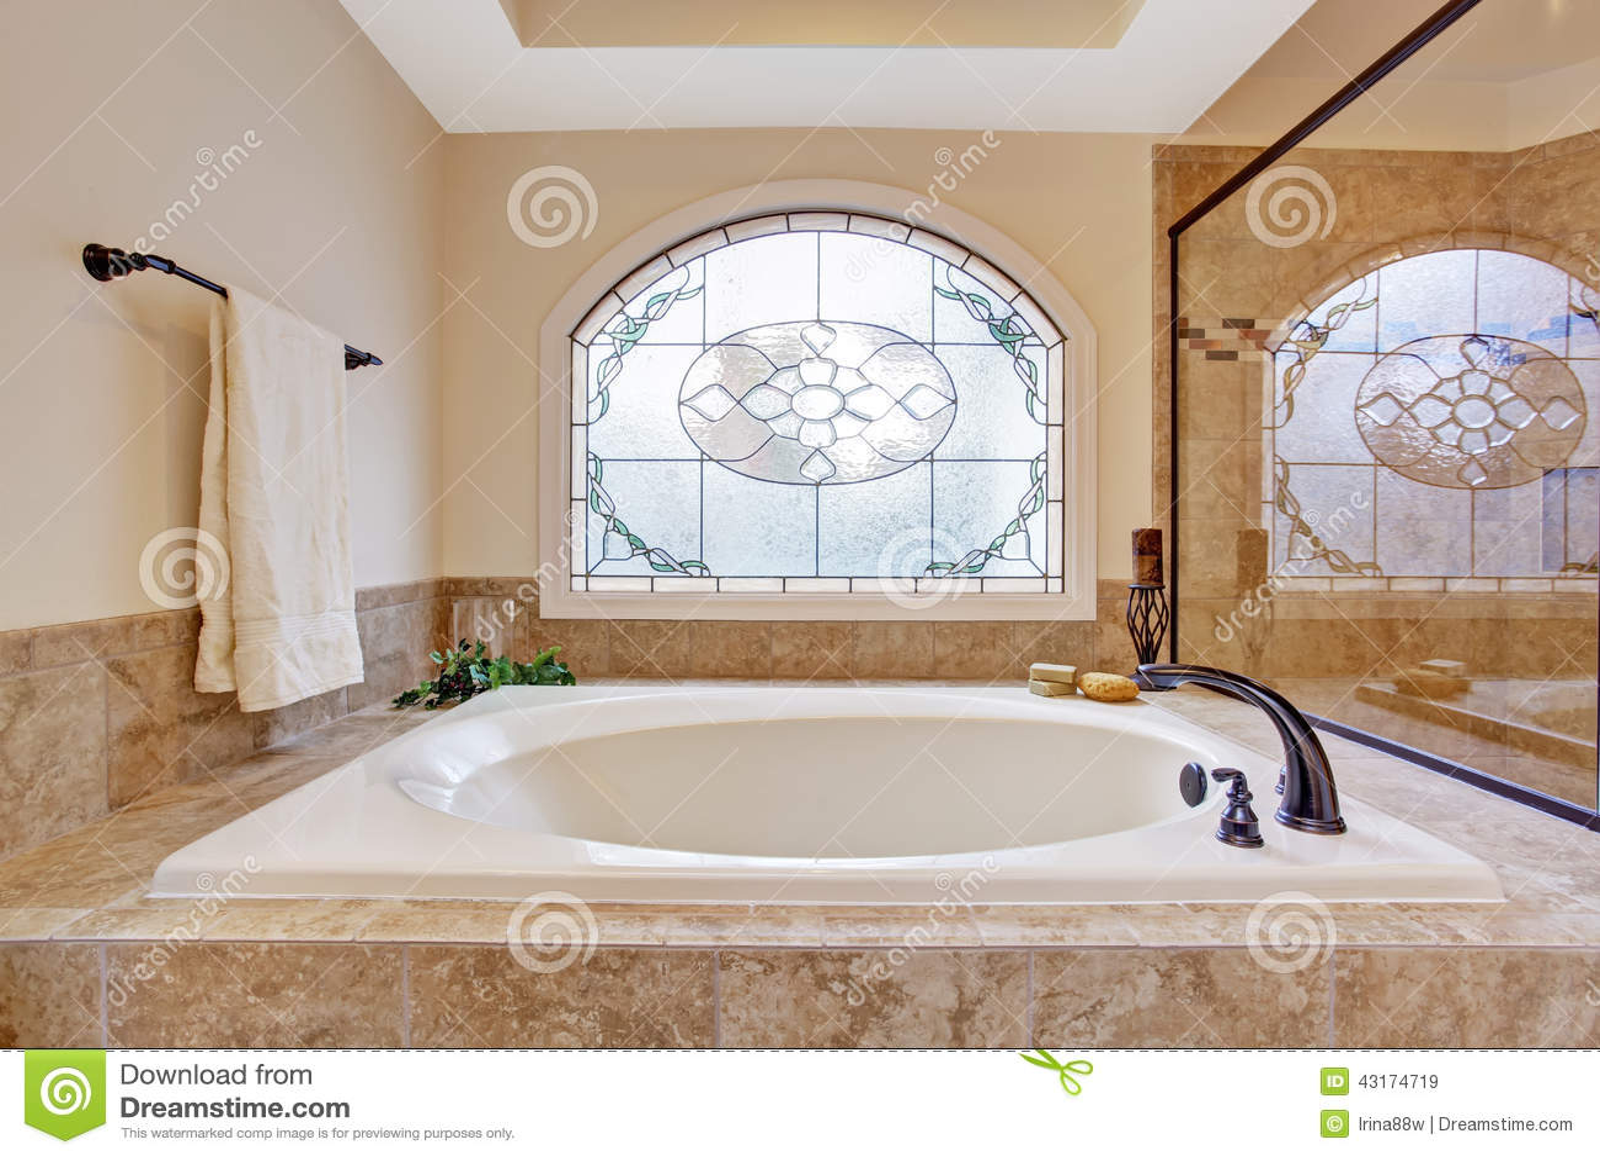 belle baignoire dans la salle de bains de luxe image stock image du beau tuile 43174719. Black Bedroom Furniture Sets. Home Design Ideas